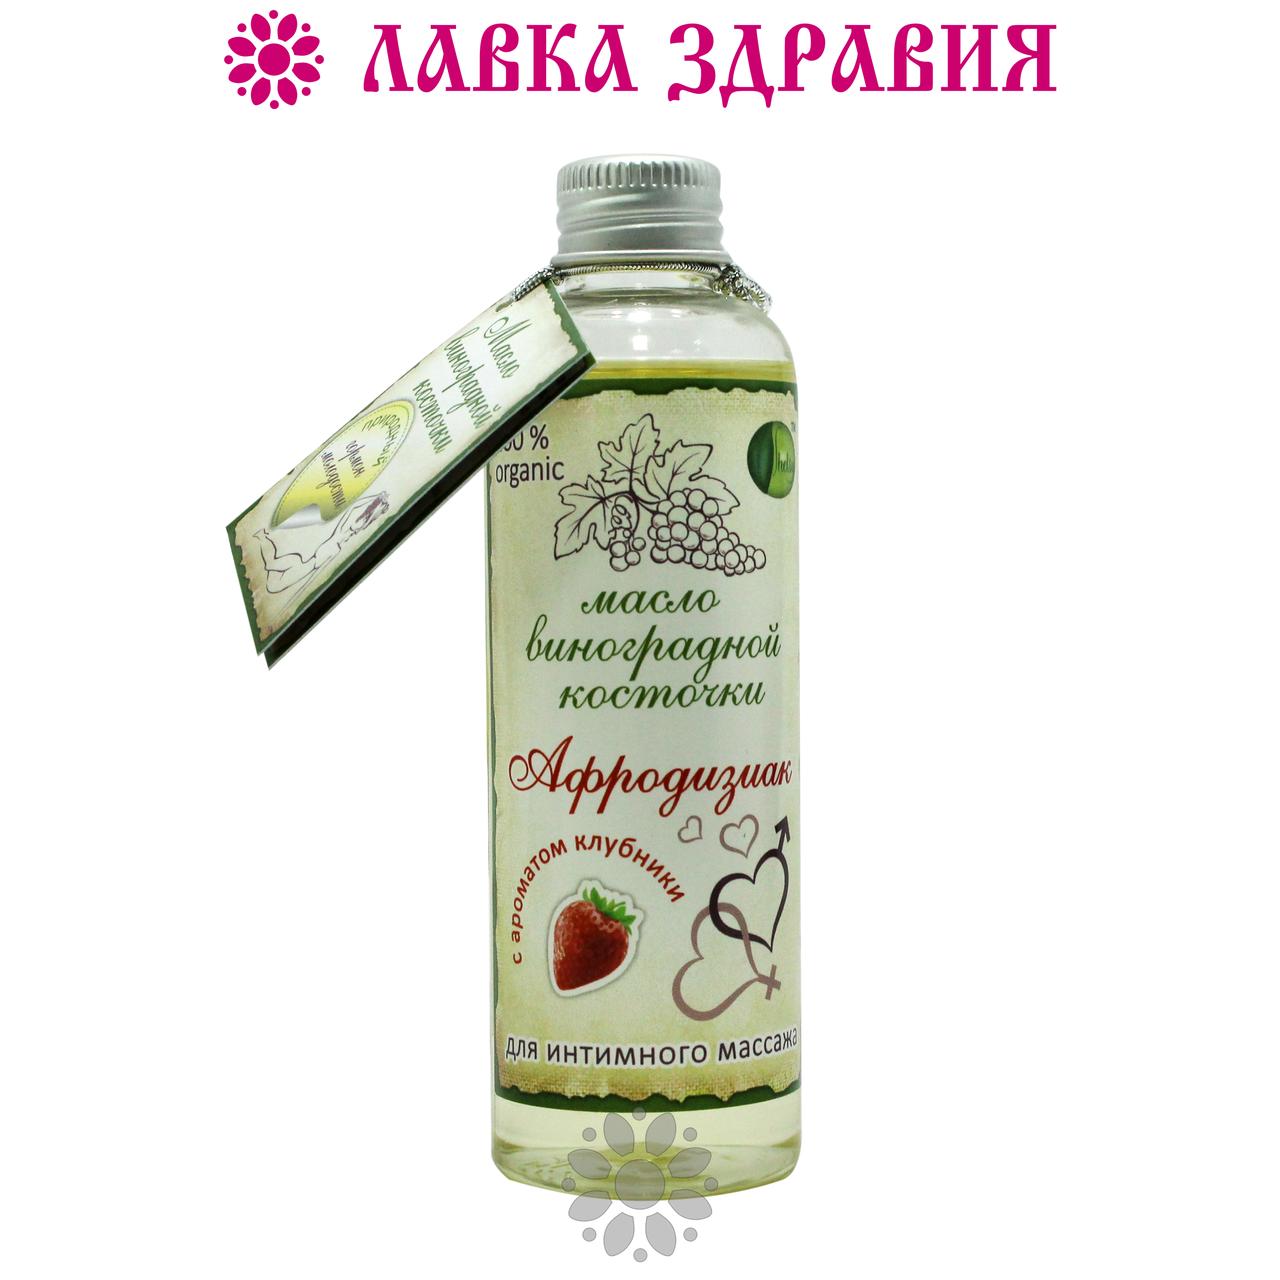 Масло виноградной косточки Афродизиак с ароматом клубники, 100 мл, Шелси